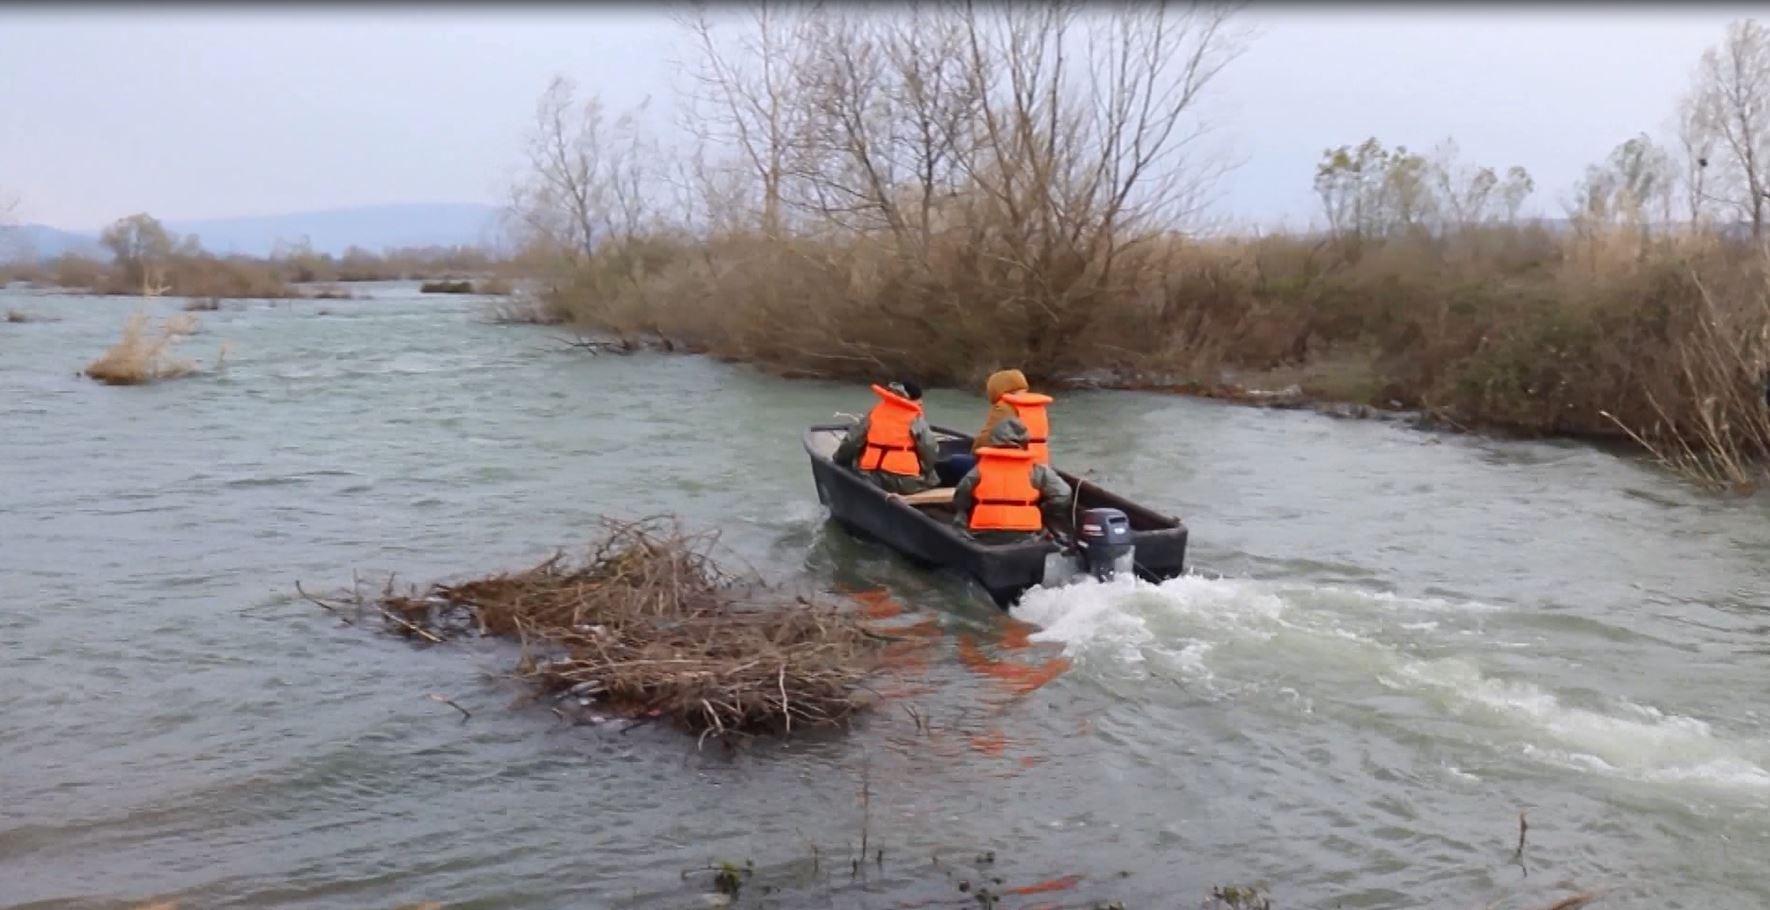 Shkodër/Ministria e Mbrojtjes: 4888 Ha sipërfaqe e përmbytur